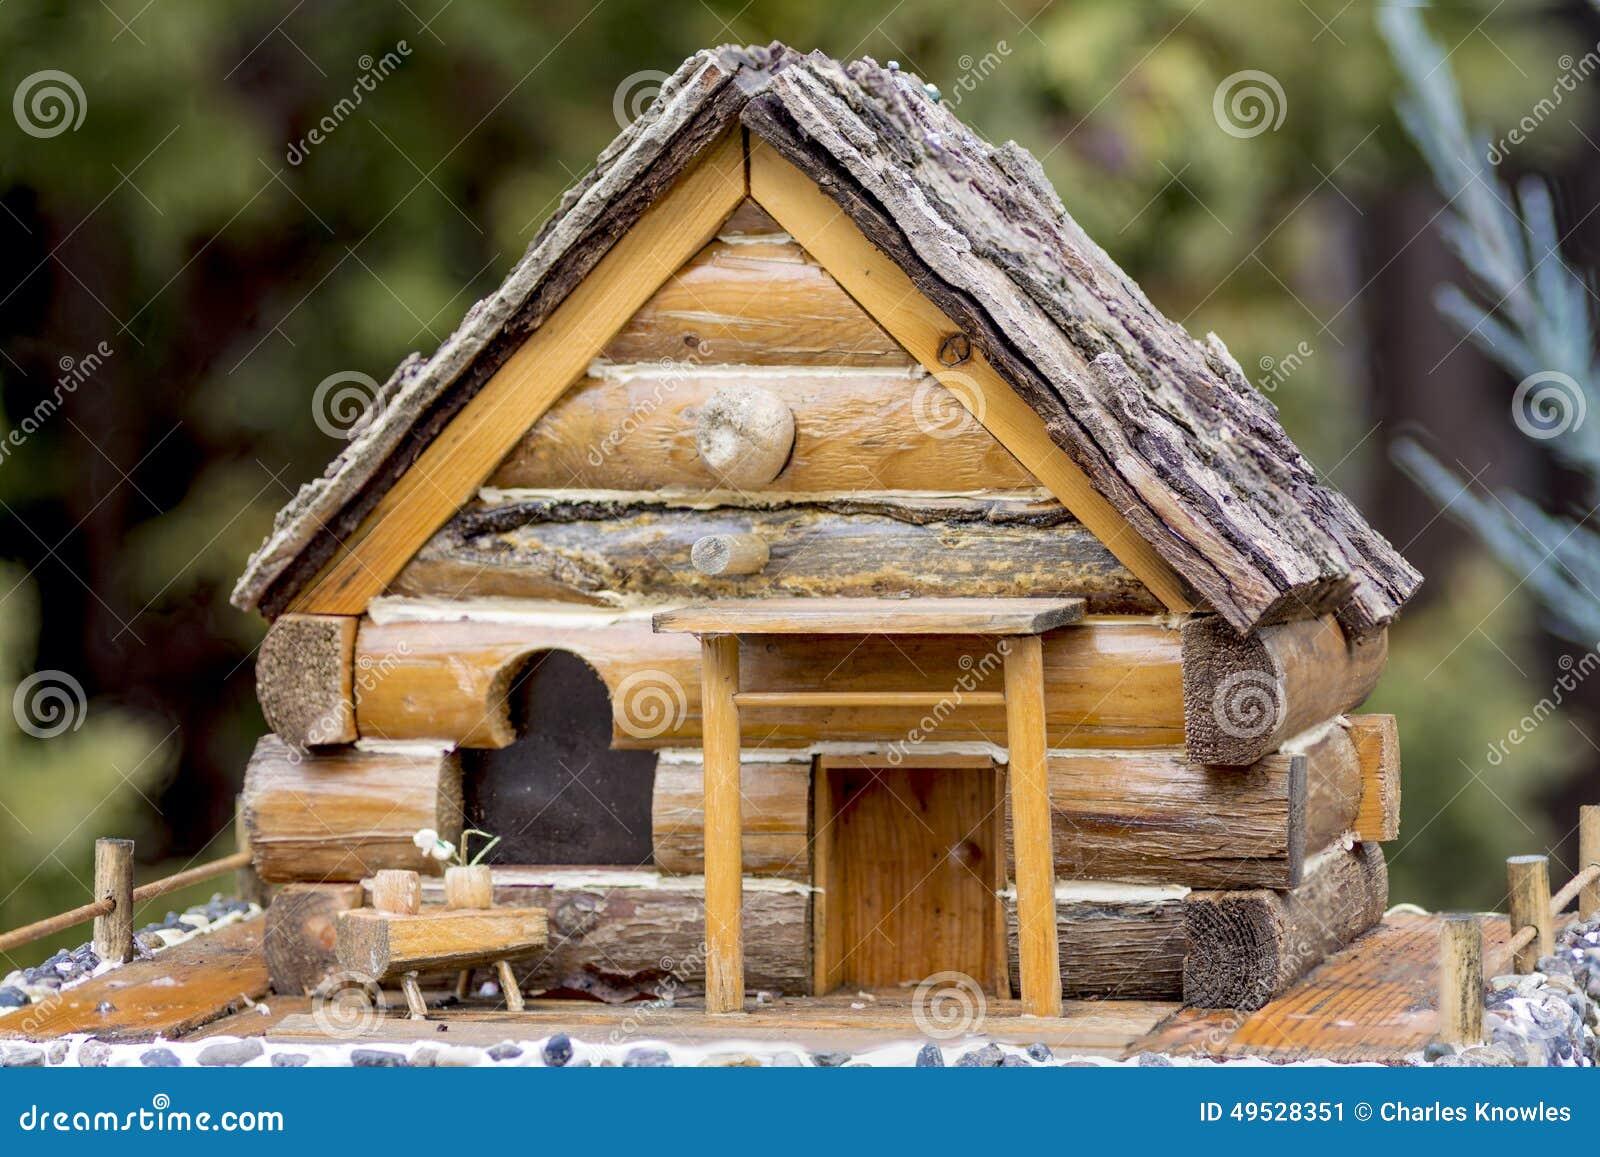 Plan rapproch d 39 une petite maison pour des oiseaux photo stock image 49528351 - Maison oiseau bois ...